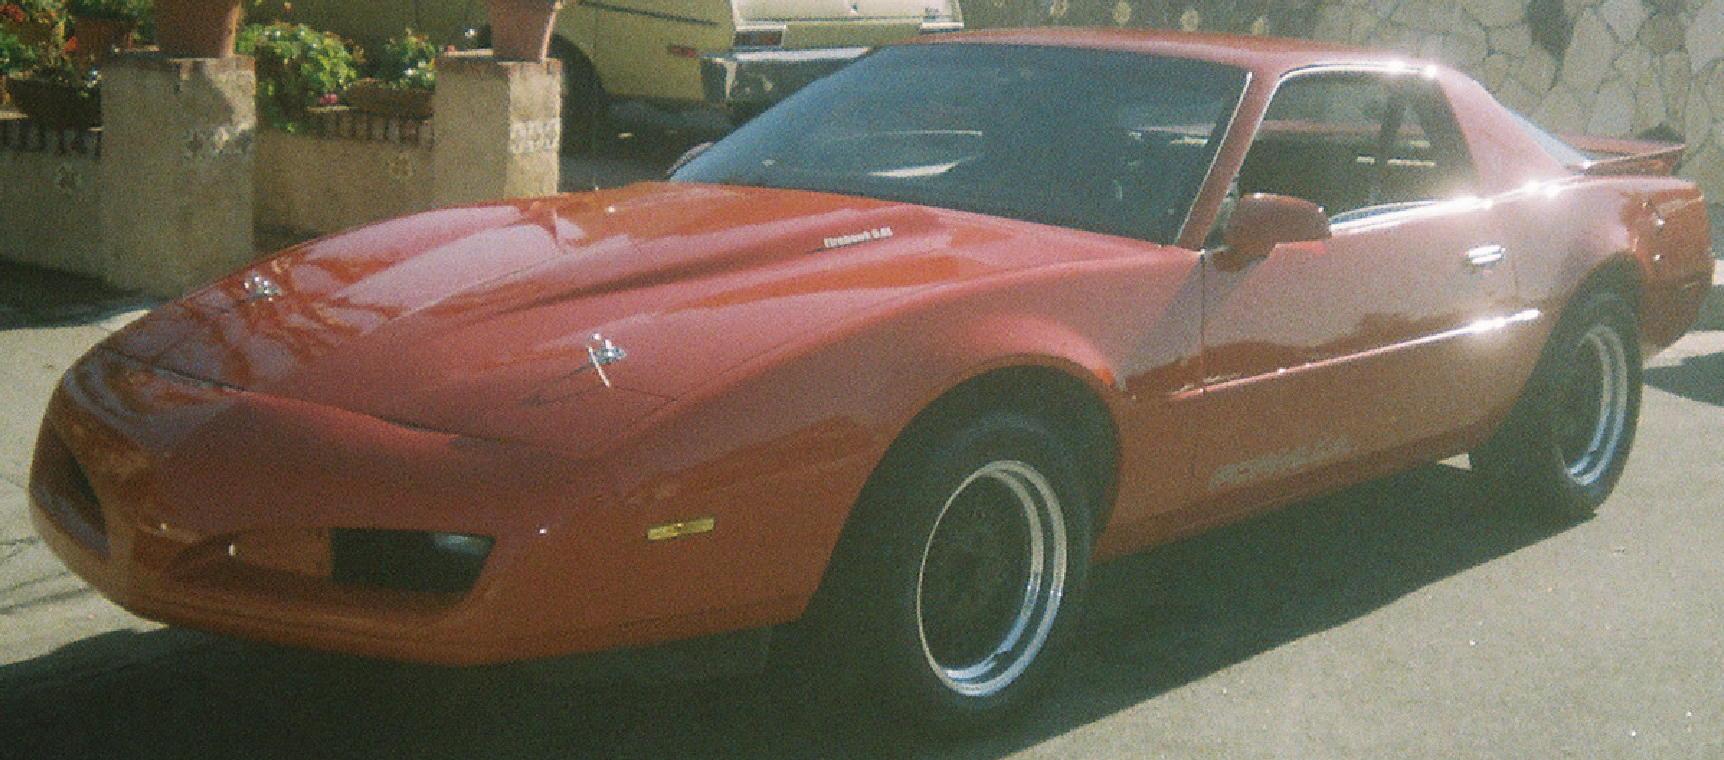 1989 pontiac firebird formula ws6